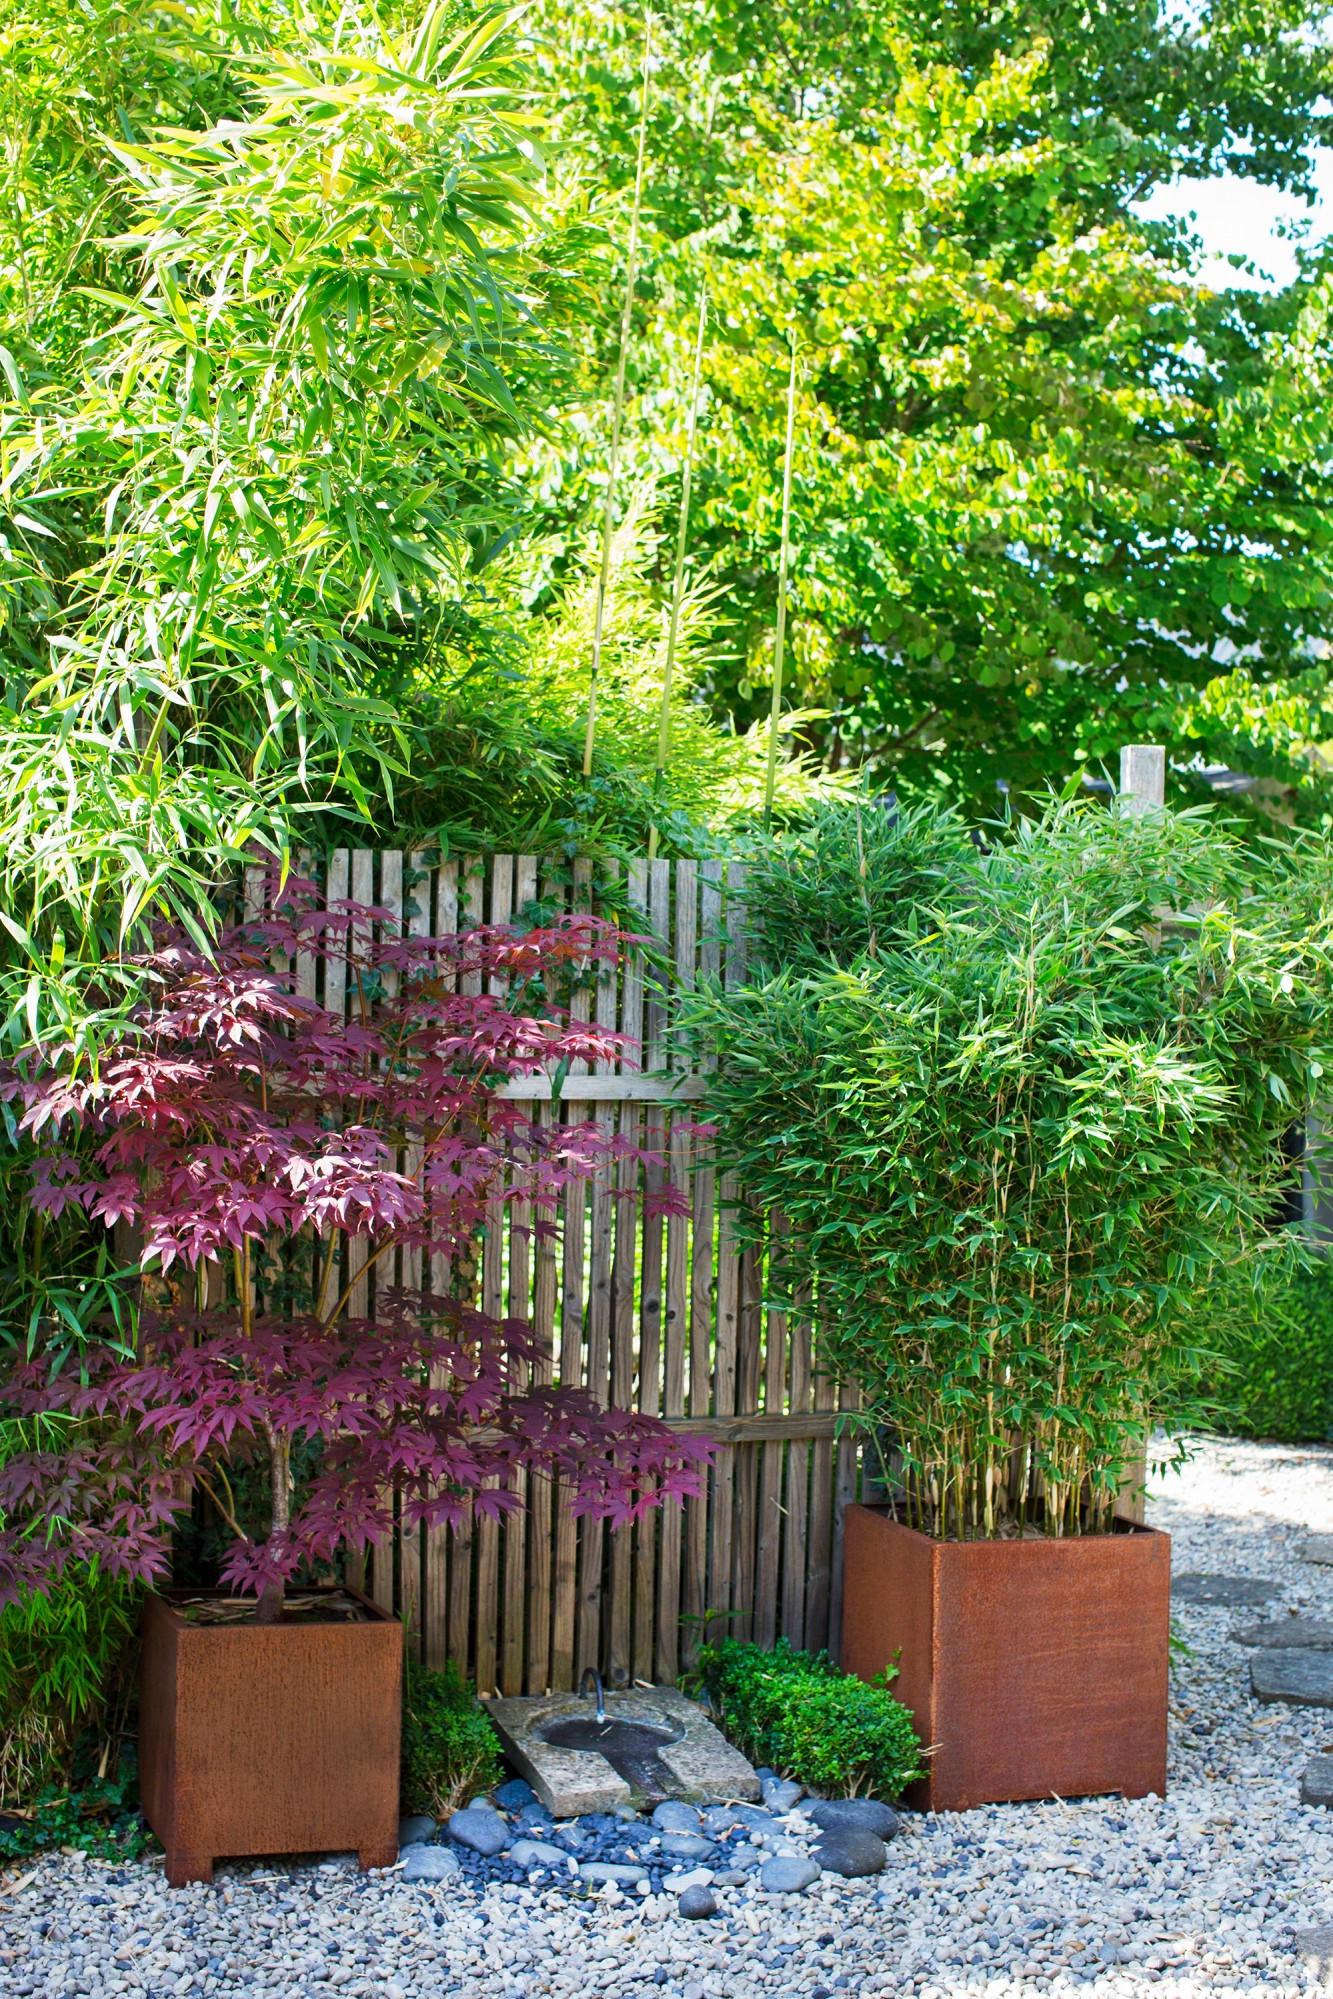 Med ett spaljéstaket kan man snabbt skärma av och skapa rum i trädgården. Anders flyttar ofta runt sina krukor och när växterna är som vackrast får de inta hedersplatsen.